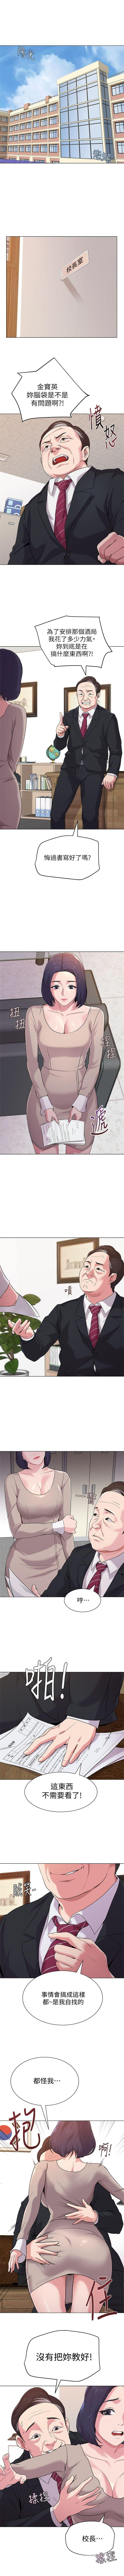 (周3)老师 1-56 中文翻译(更新中) 63